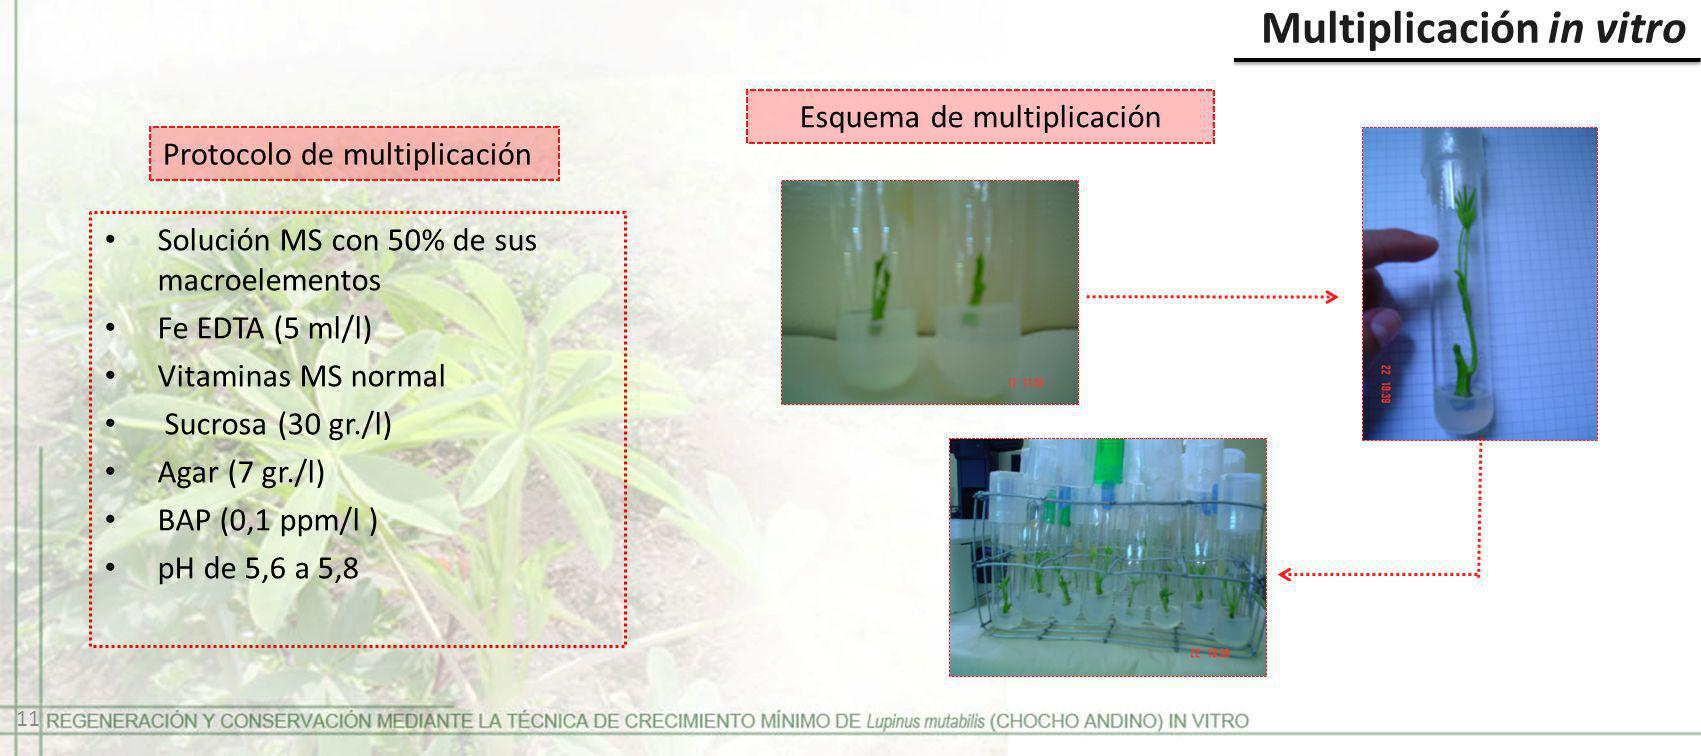 Multiplicación in vitro